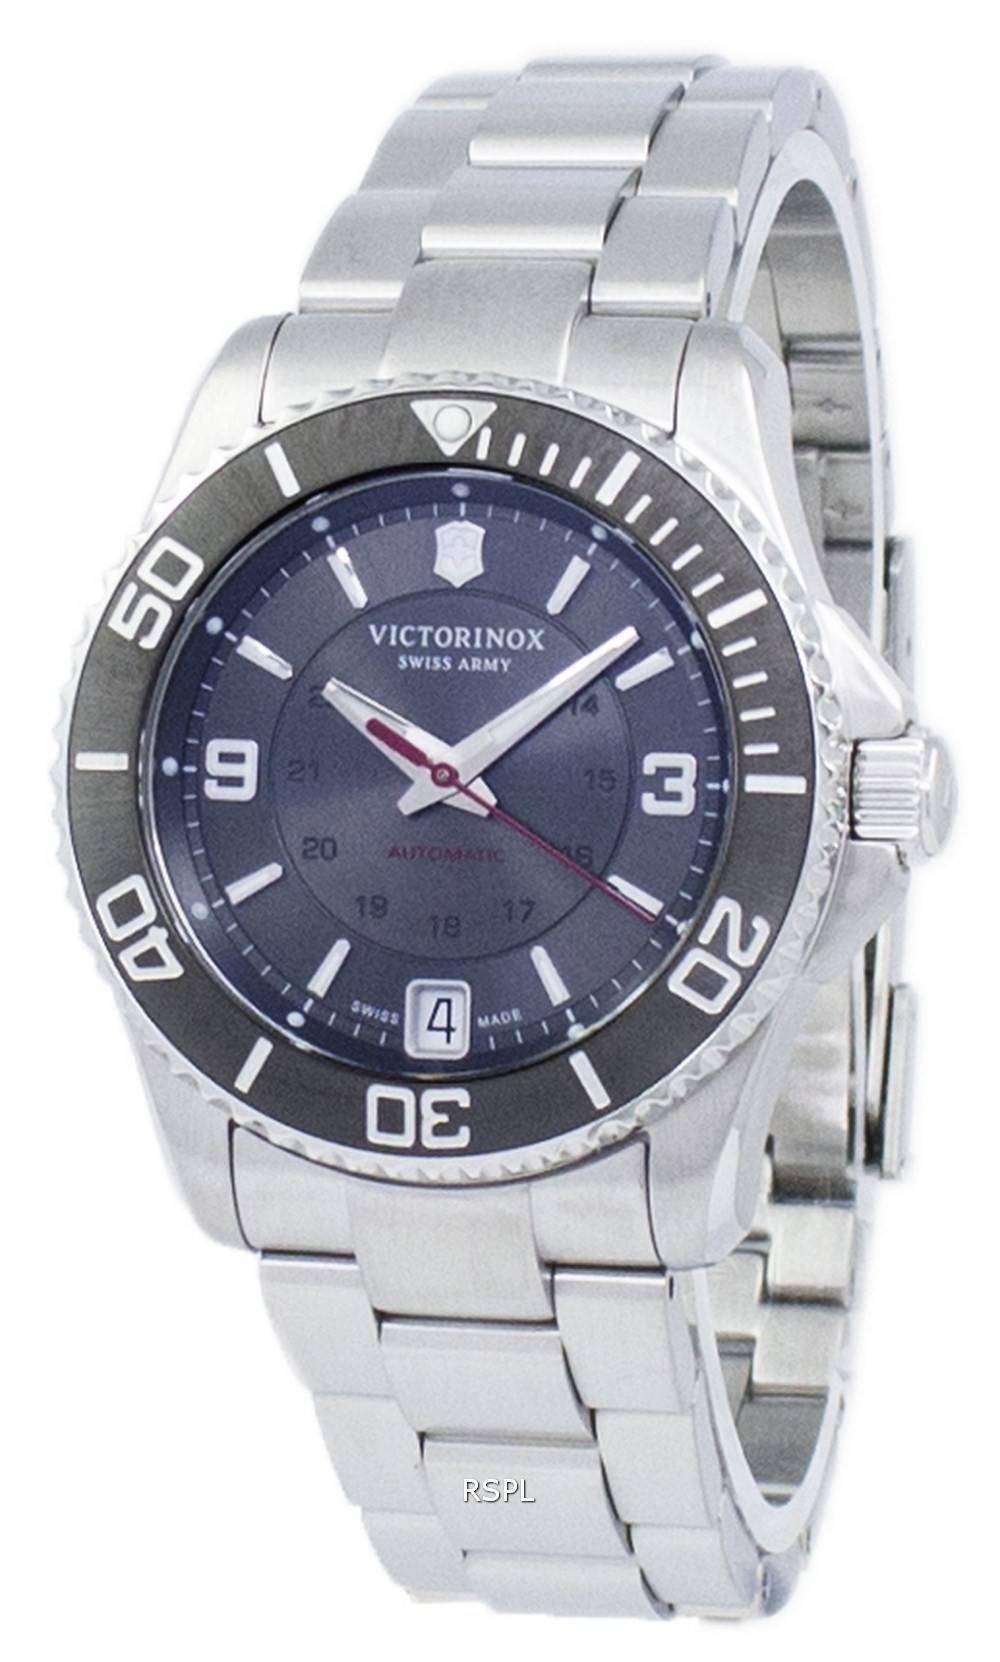 ビクトリノックス マーベリック スイスアーミー自動 241708 女性の腕時計